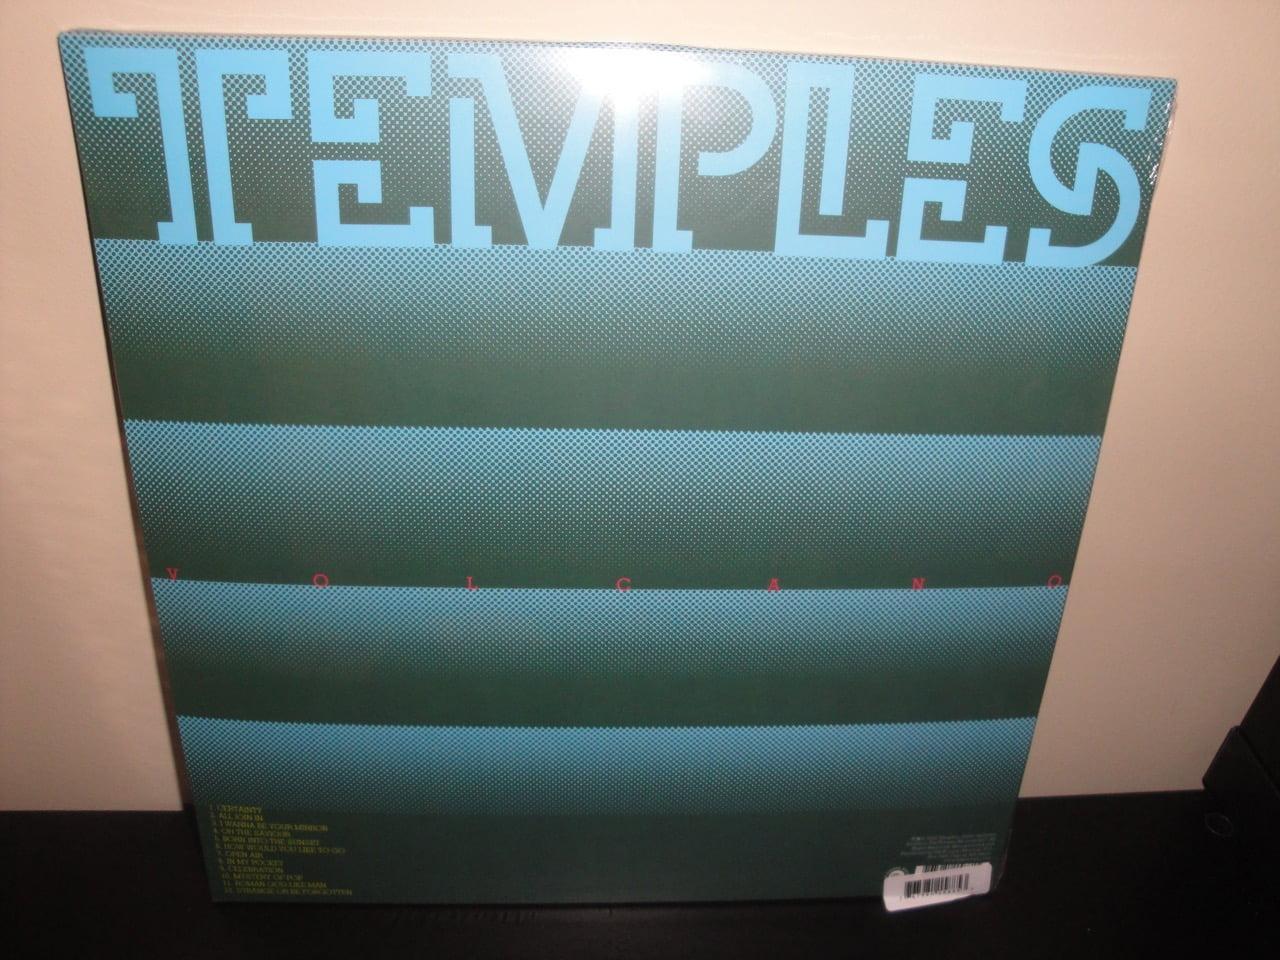 Temples - Volcano - Ltd Ed Cotton Candy Colored Vinyl LP